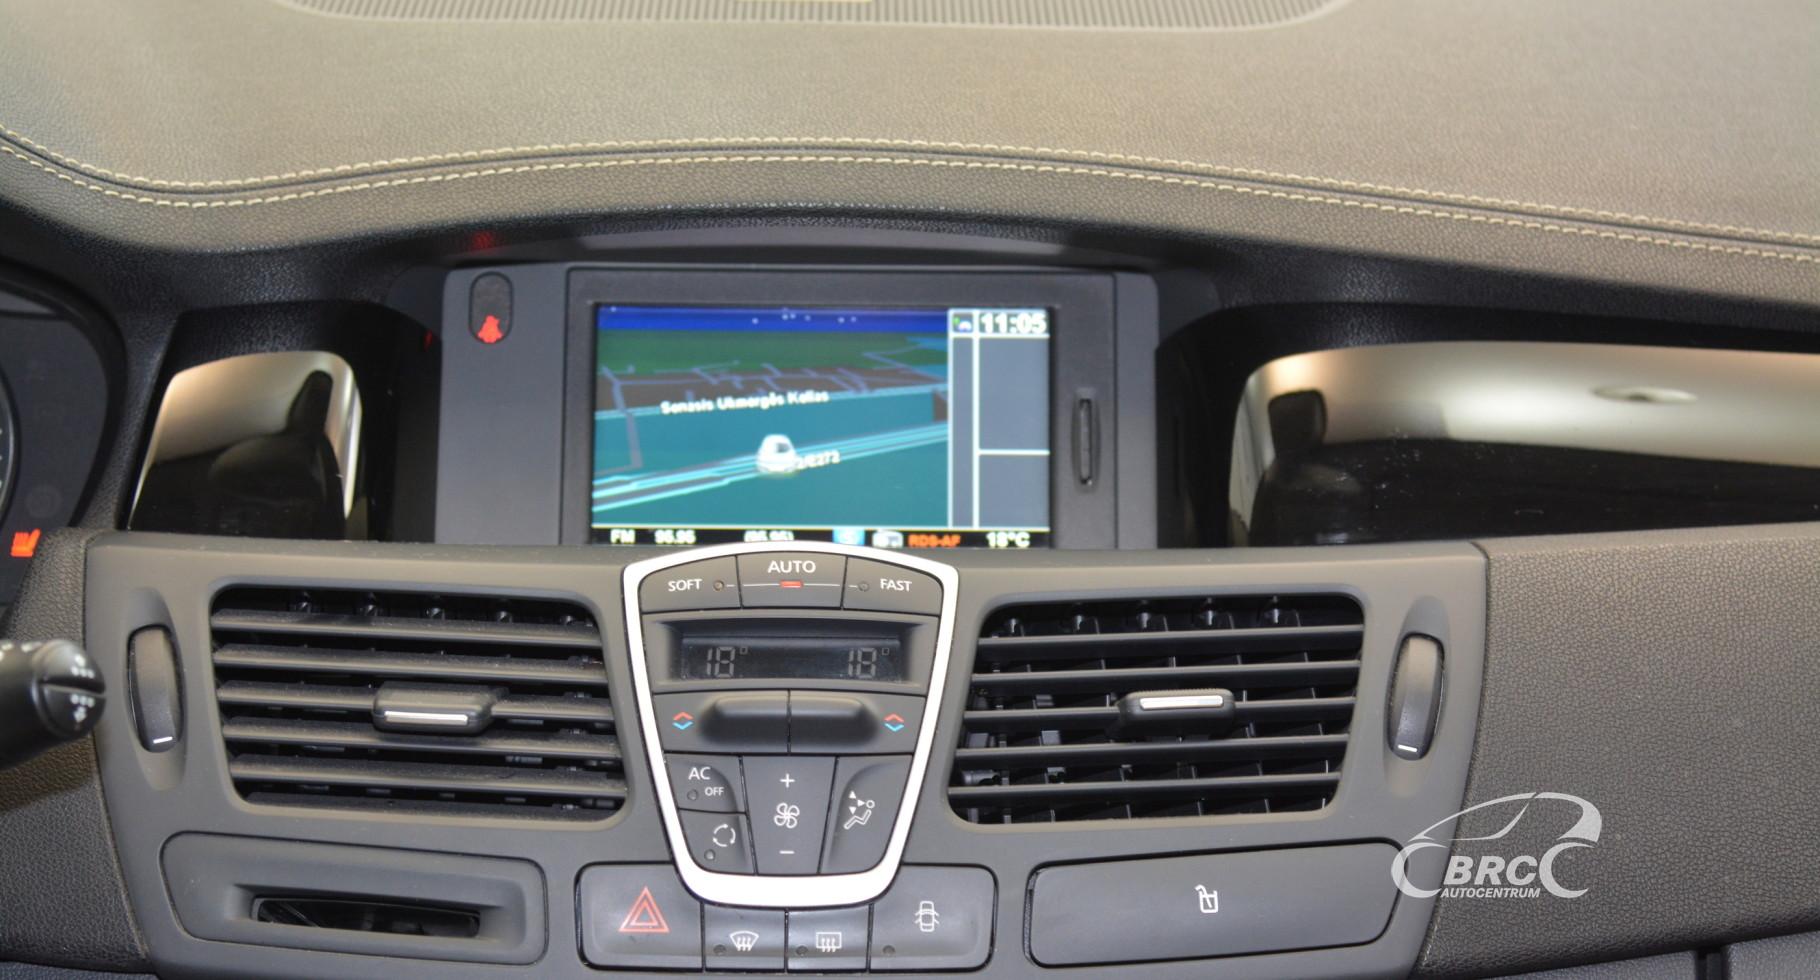 Renault Laguna 2.0 dci Initiale Paris Automatas